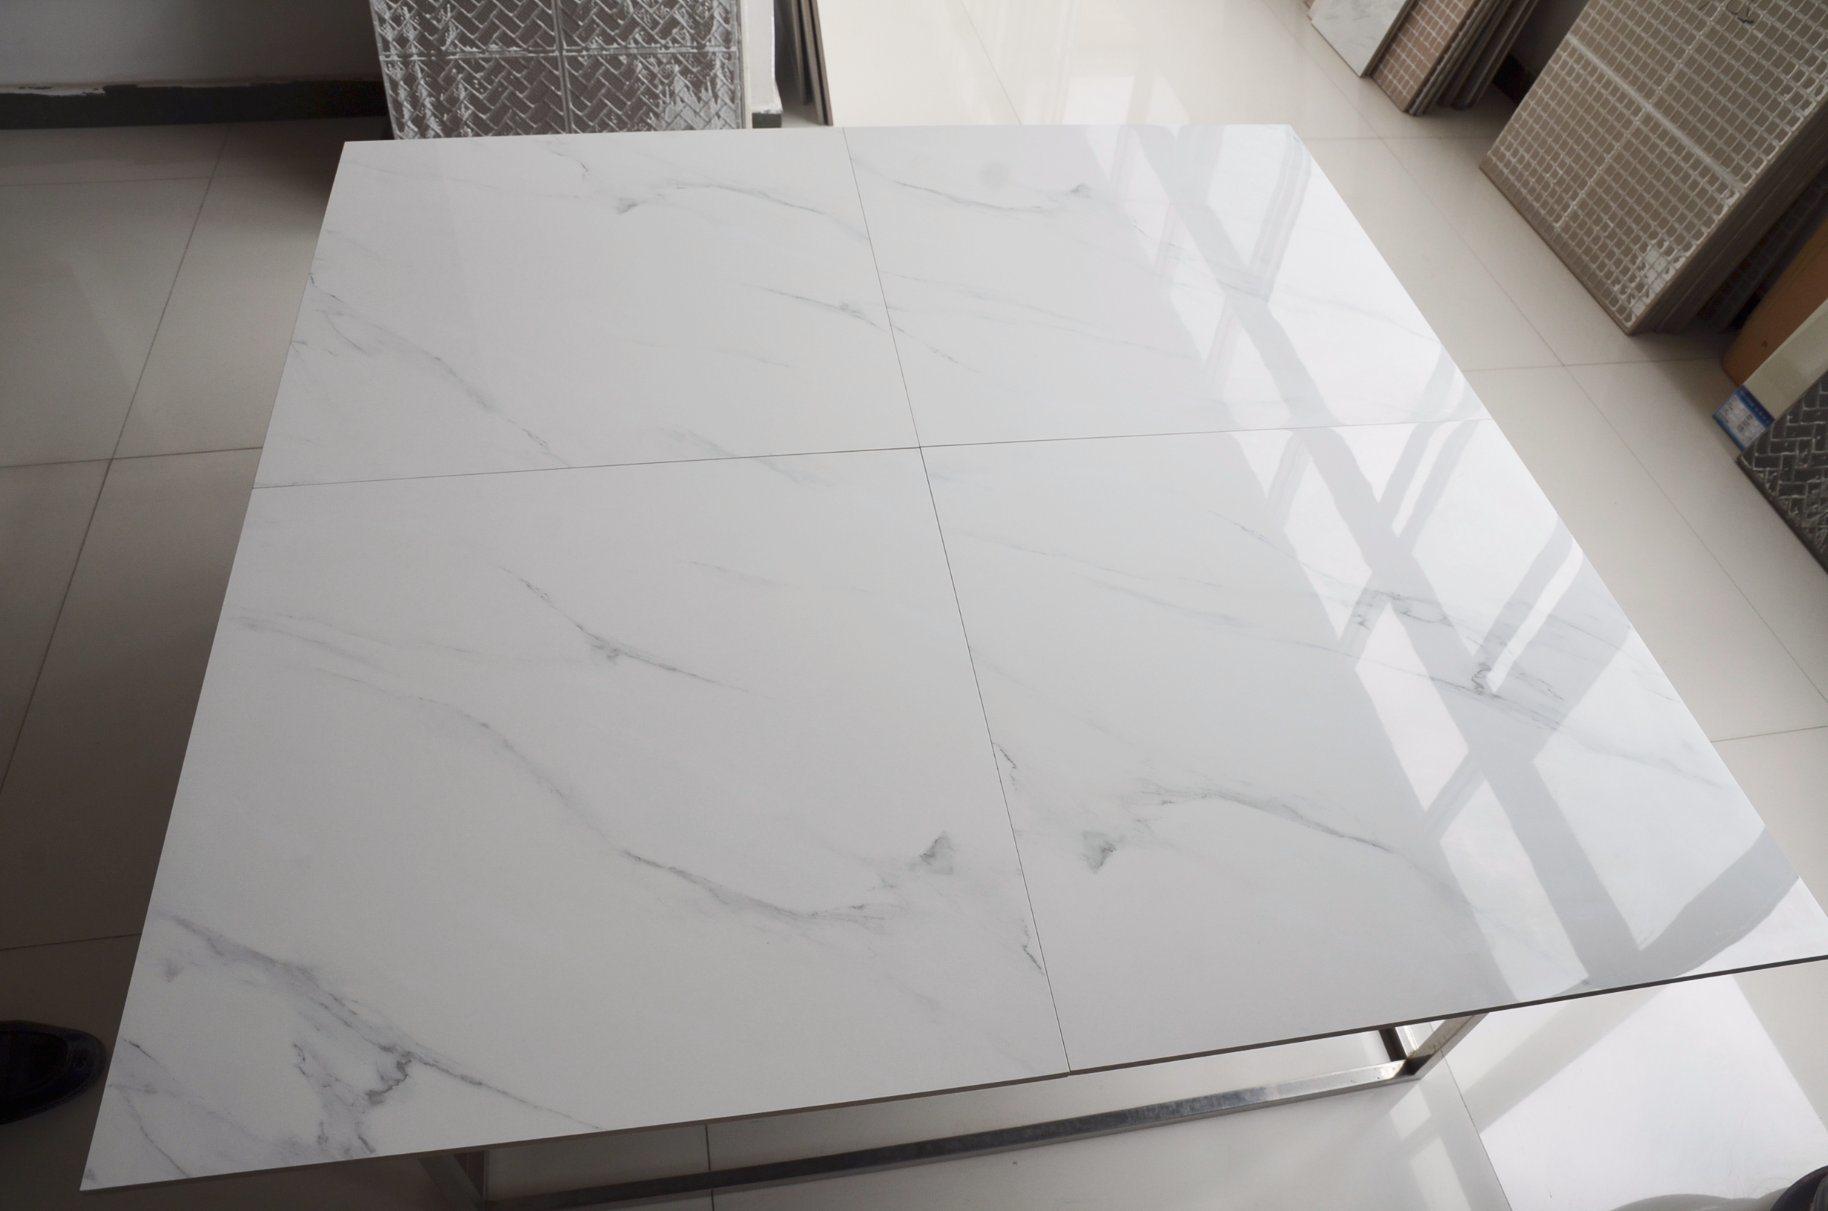 China good price 600x600 white color kajaria ceramic tiles in dubai good price 600x600 white color kajaria ceramic tiles in dubai dailygadgetfo Gallery